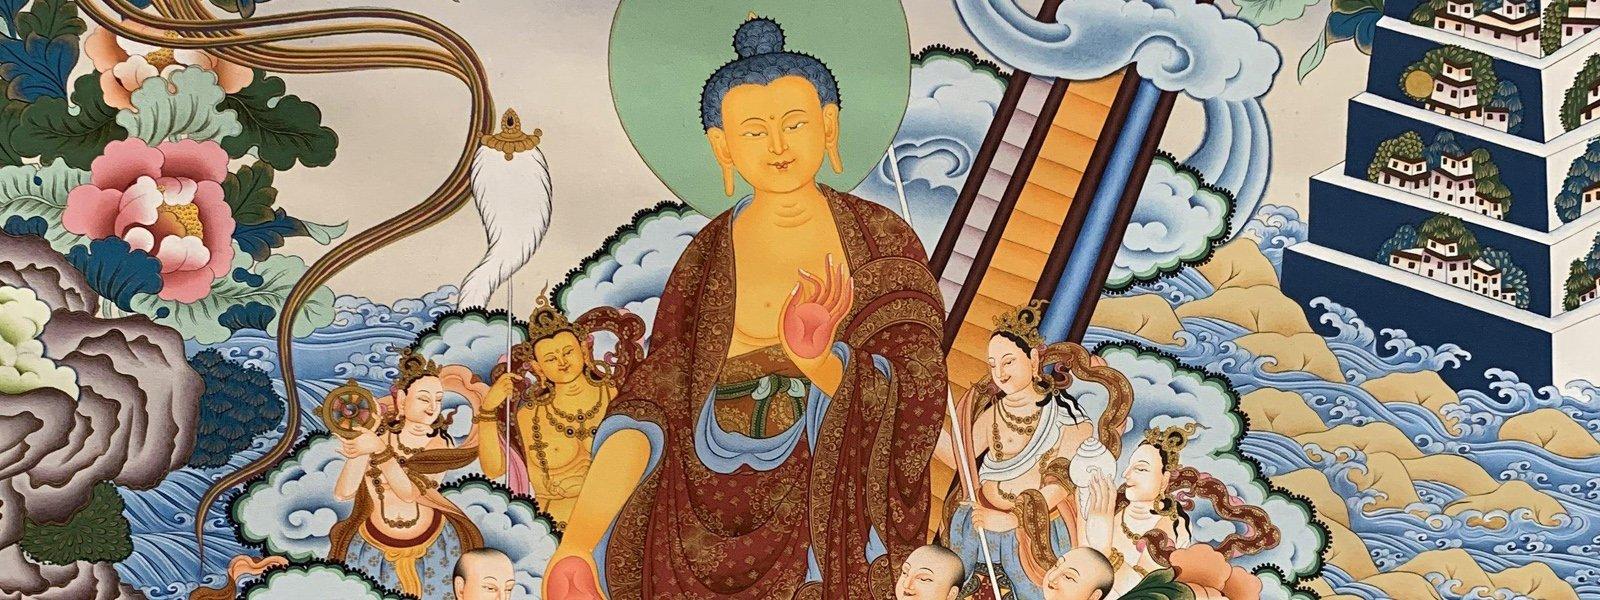 The Four Major Buddhist Holidays